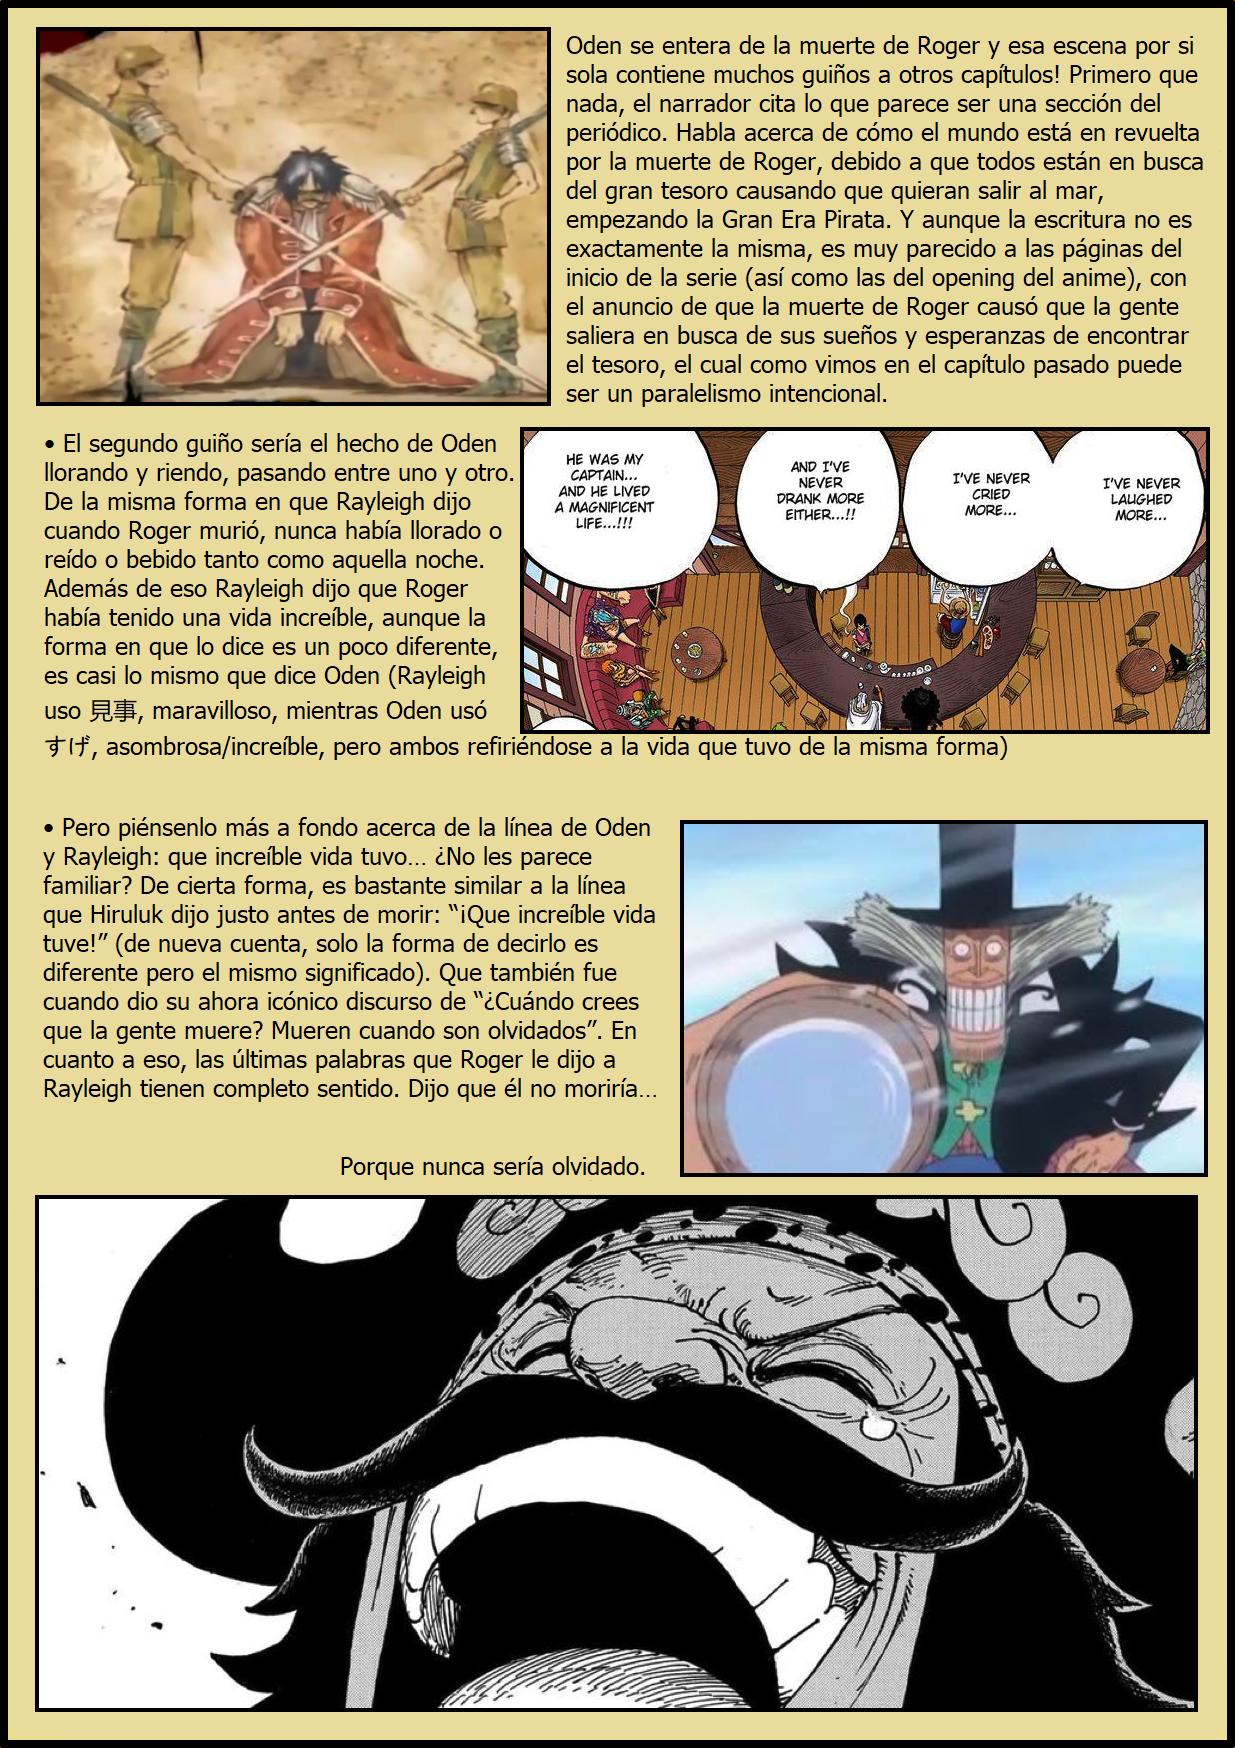 Secretos & Curiosidades - One Piece Manga 969 07